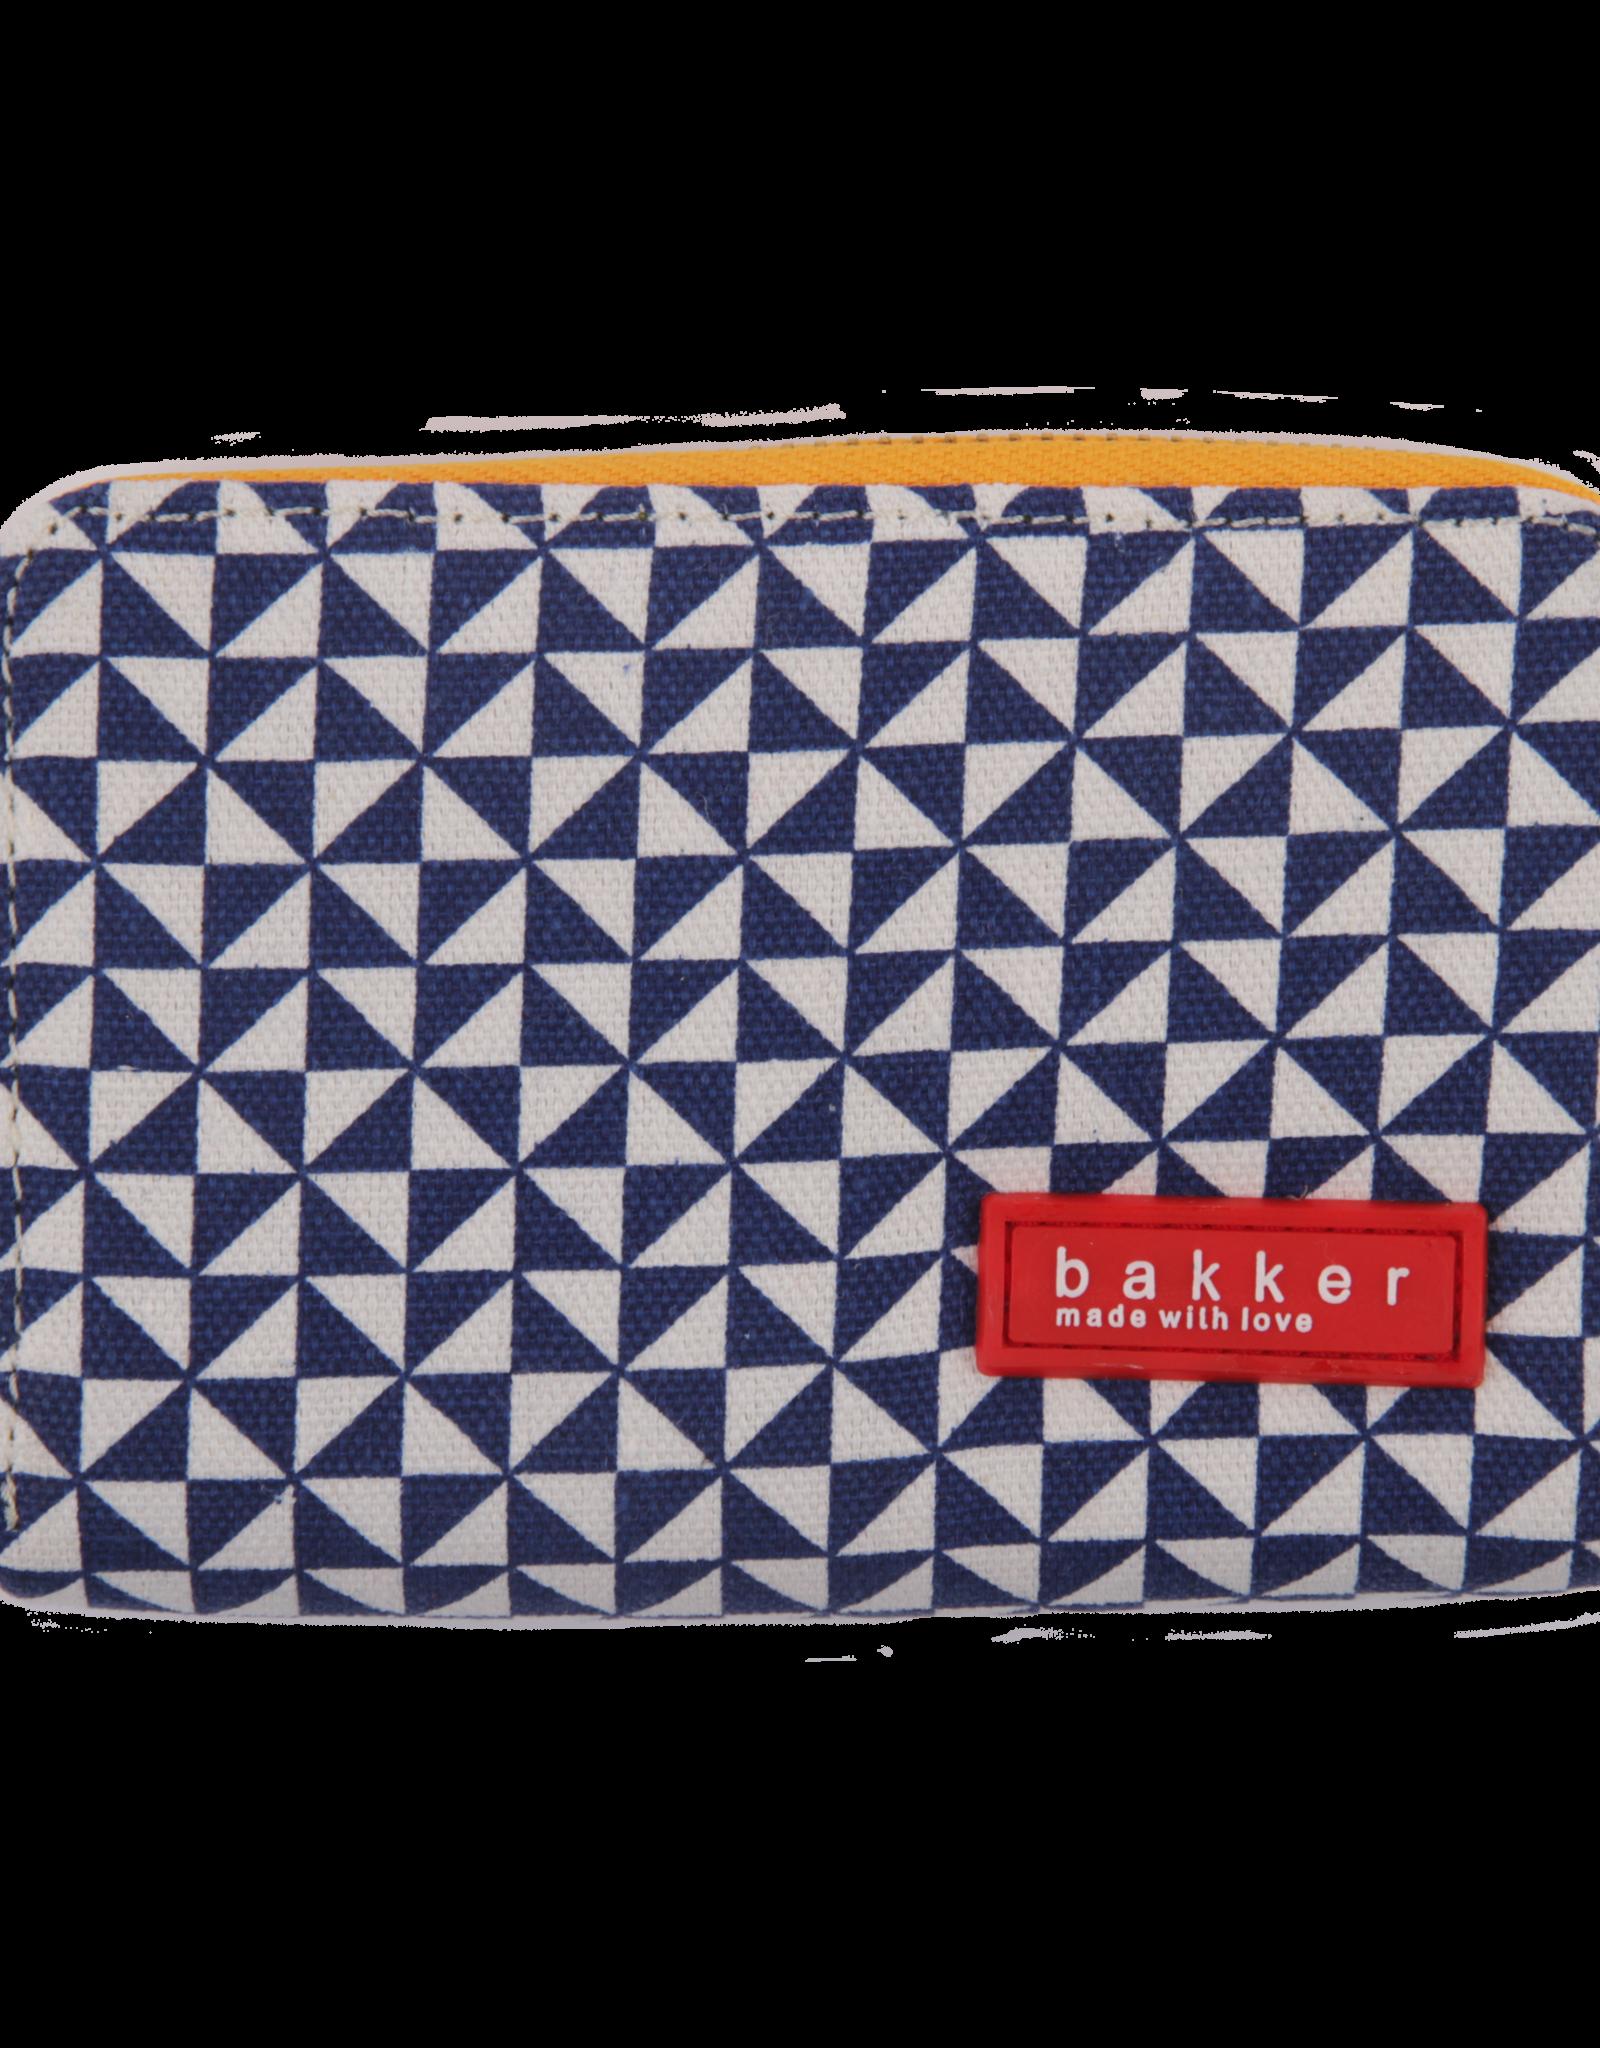 bakker made with love Bakker made with love: portemonnee klein 007